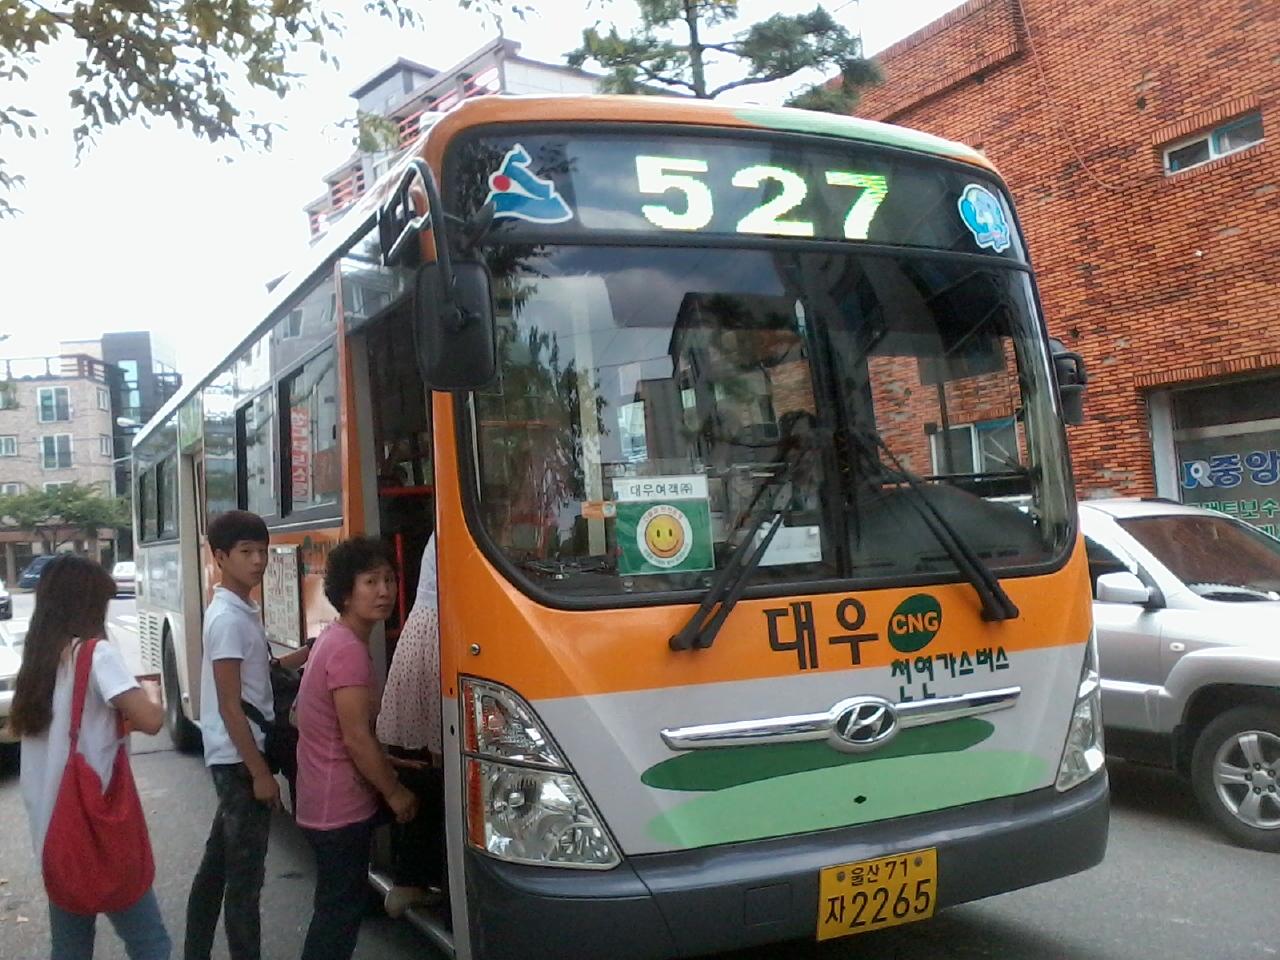 File:Ulsan Bus 527 - Daewoo Passenger.jpg